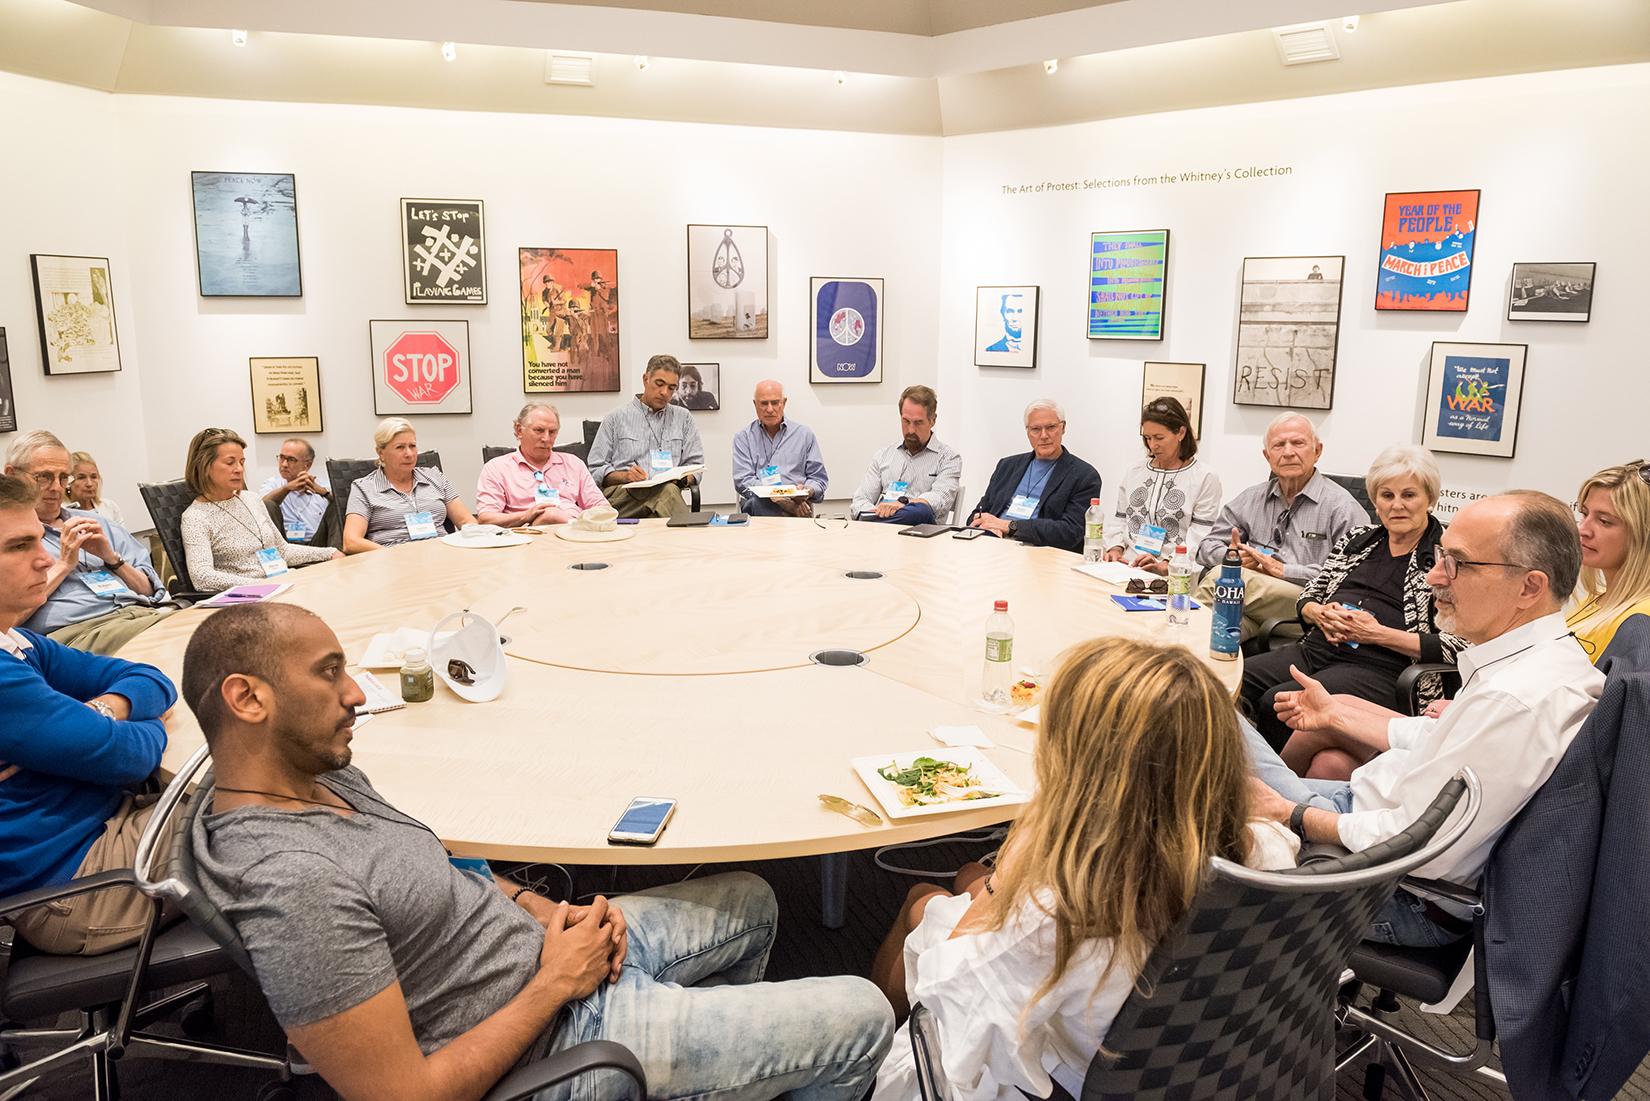 Paepcke-Meeting-room.jpg